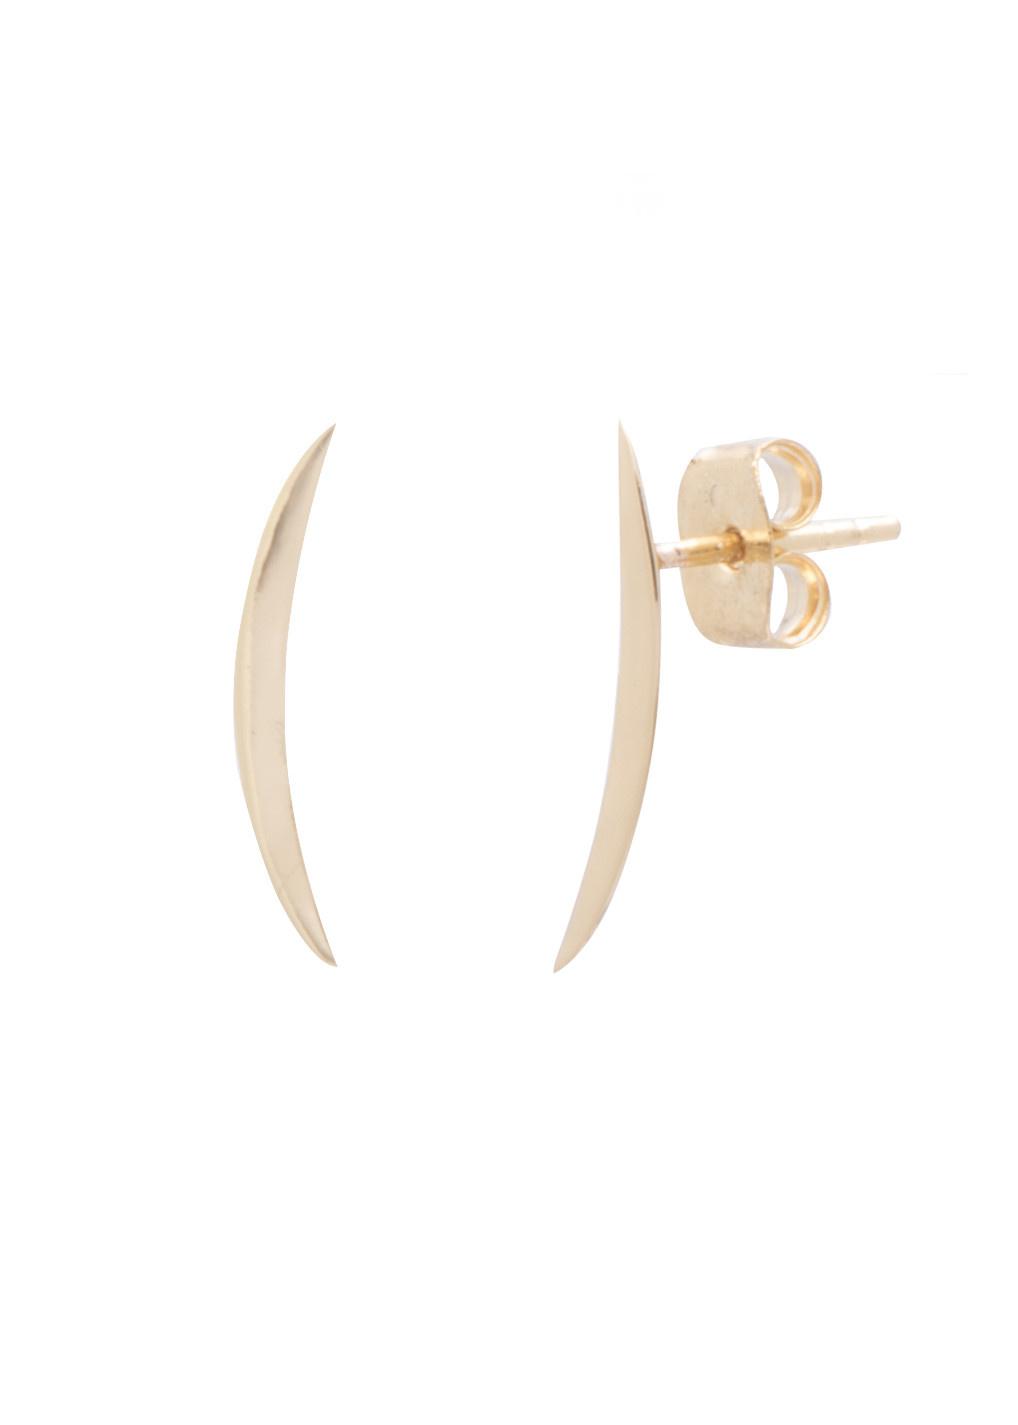 Sarah Mulder Jewelry Sarah Mulder Jewelry - Boucles d'oreilles Slice